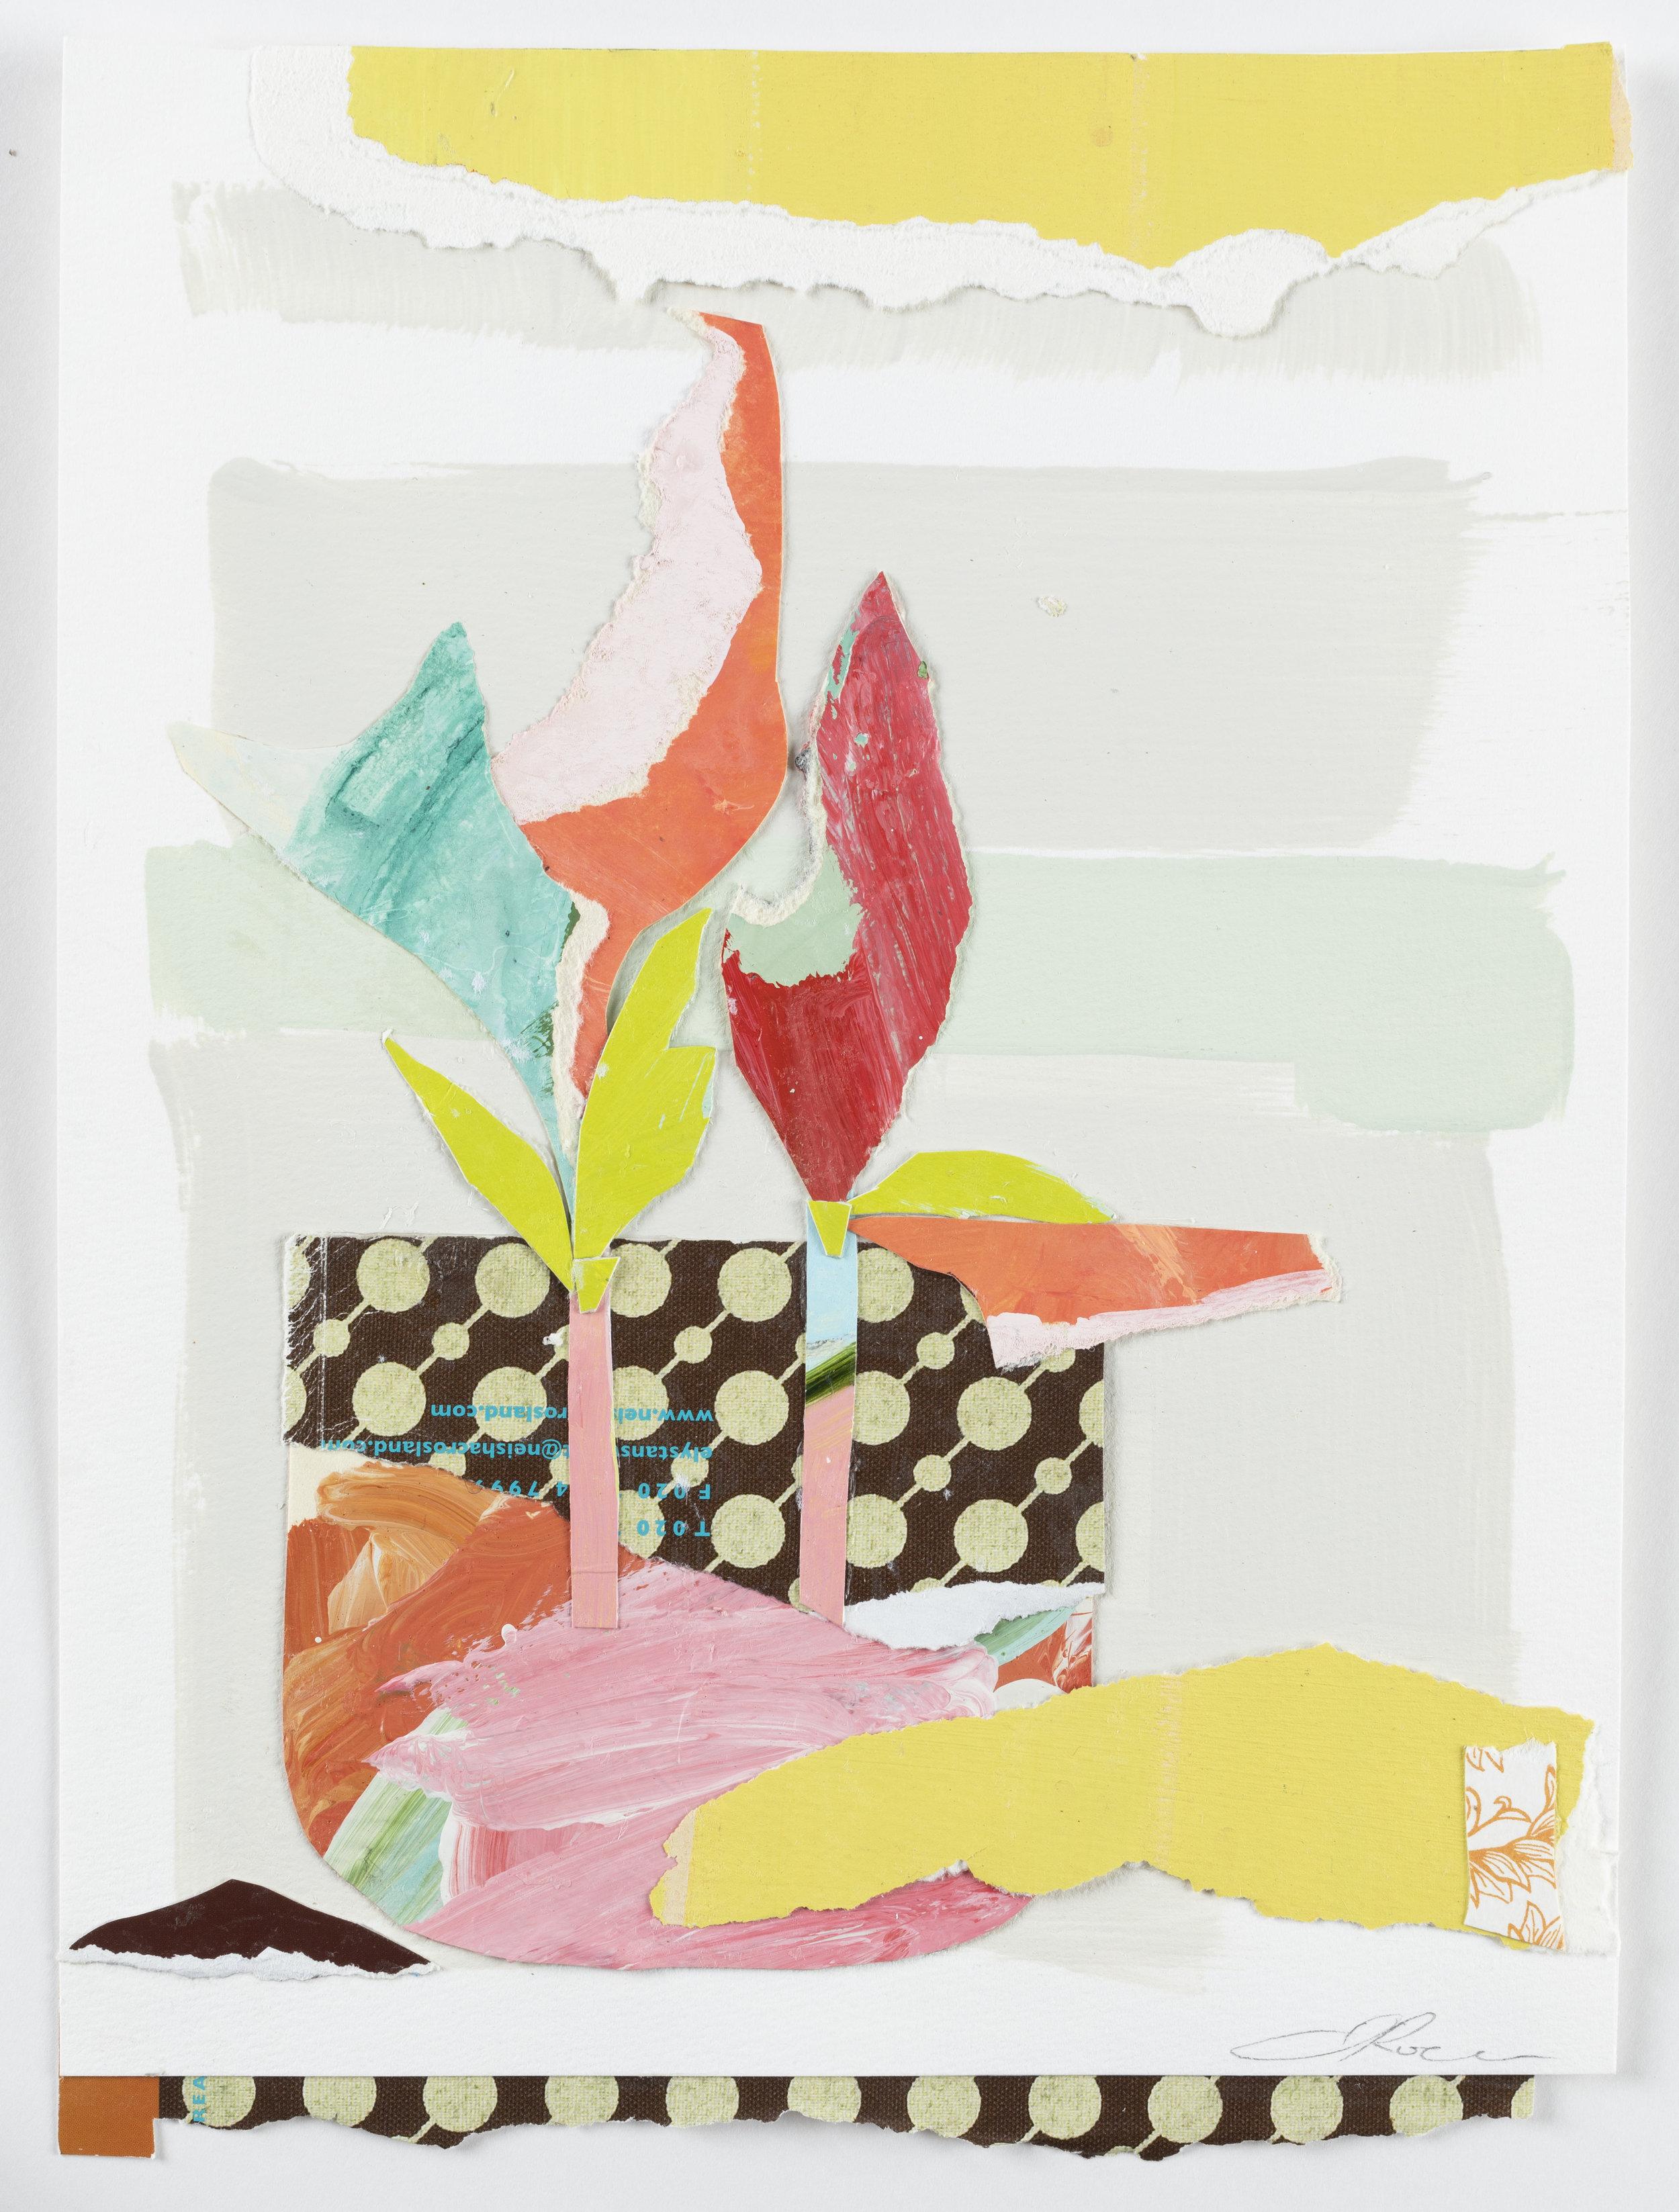 """Floral Series 7 - 14"""" x 11"""" x 1/4"""" Paint, paper, paste, mattedSOLD"""